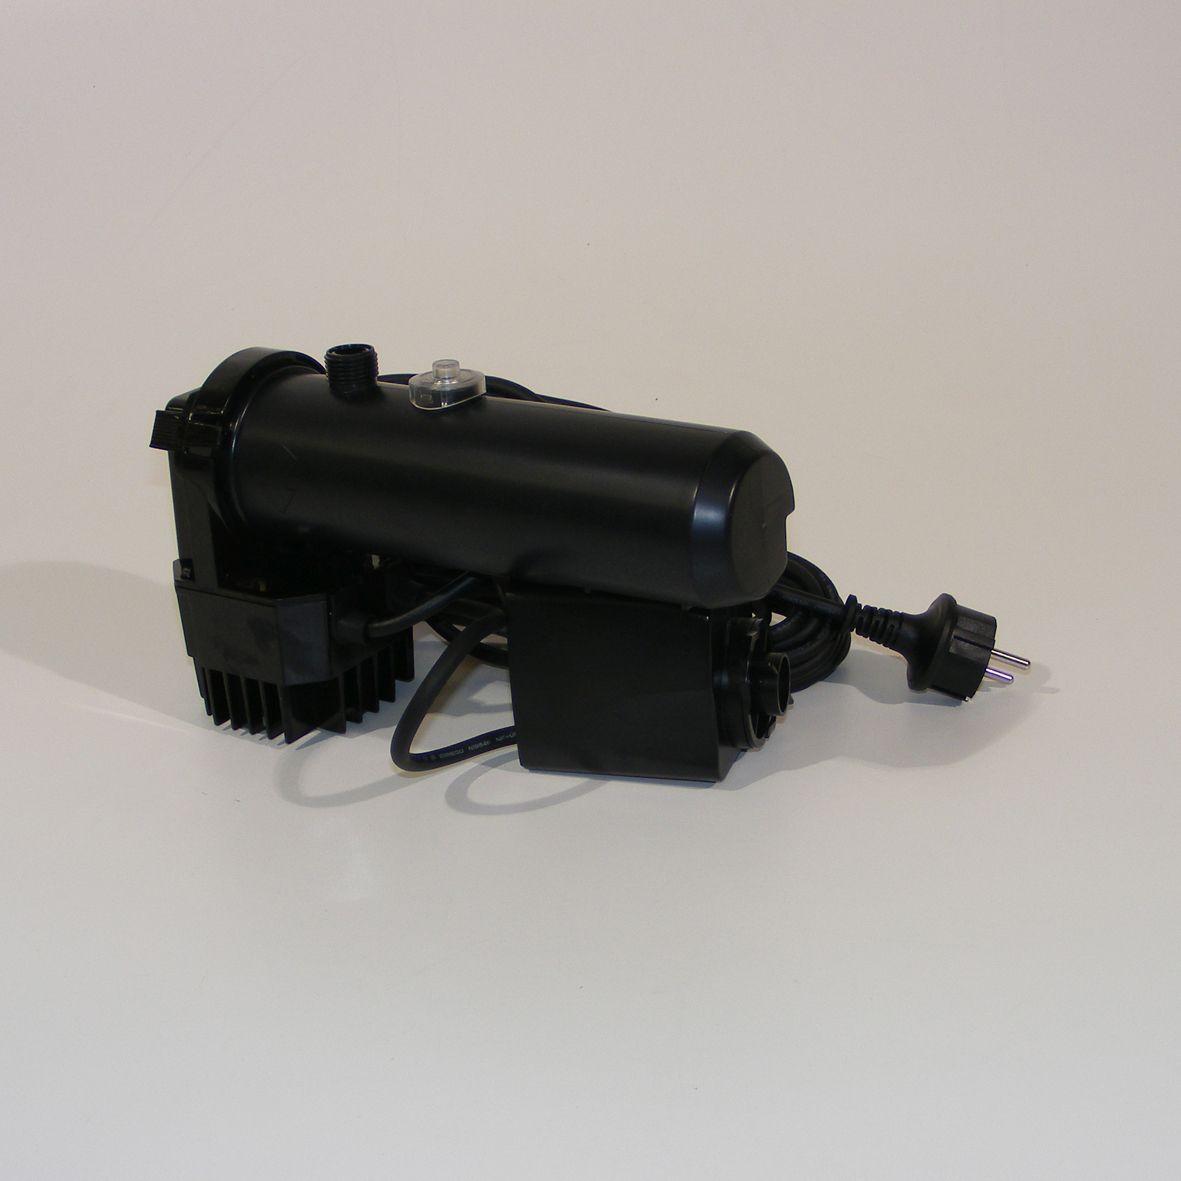 Oase ersatz uvc pumpe filtral uvc 5000 teichundgarten24 for Oase teichtechnik